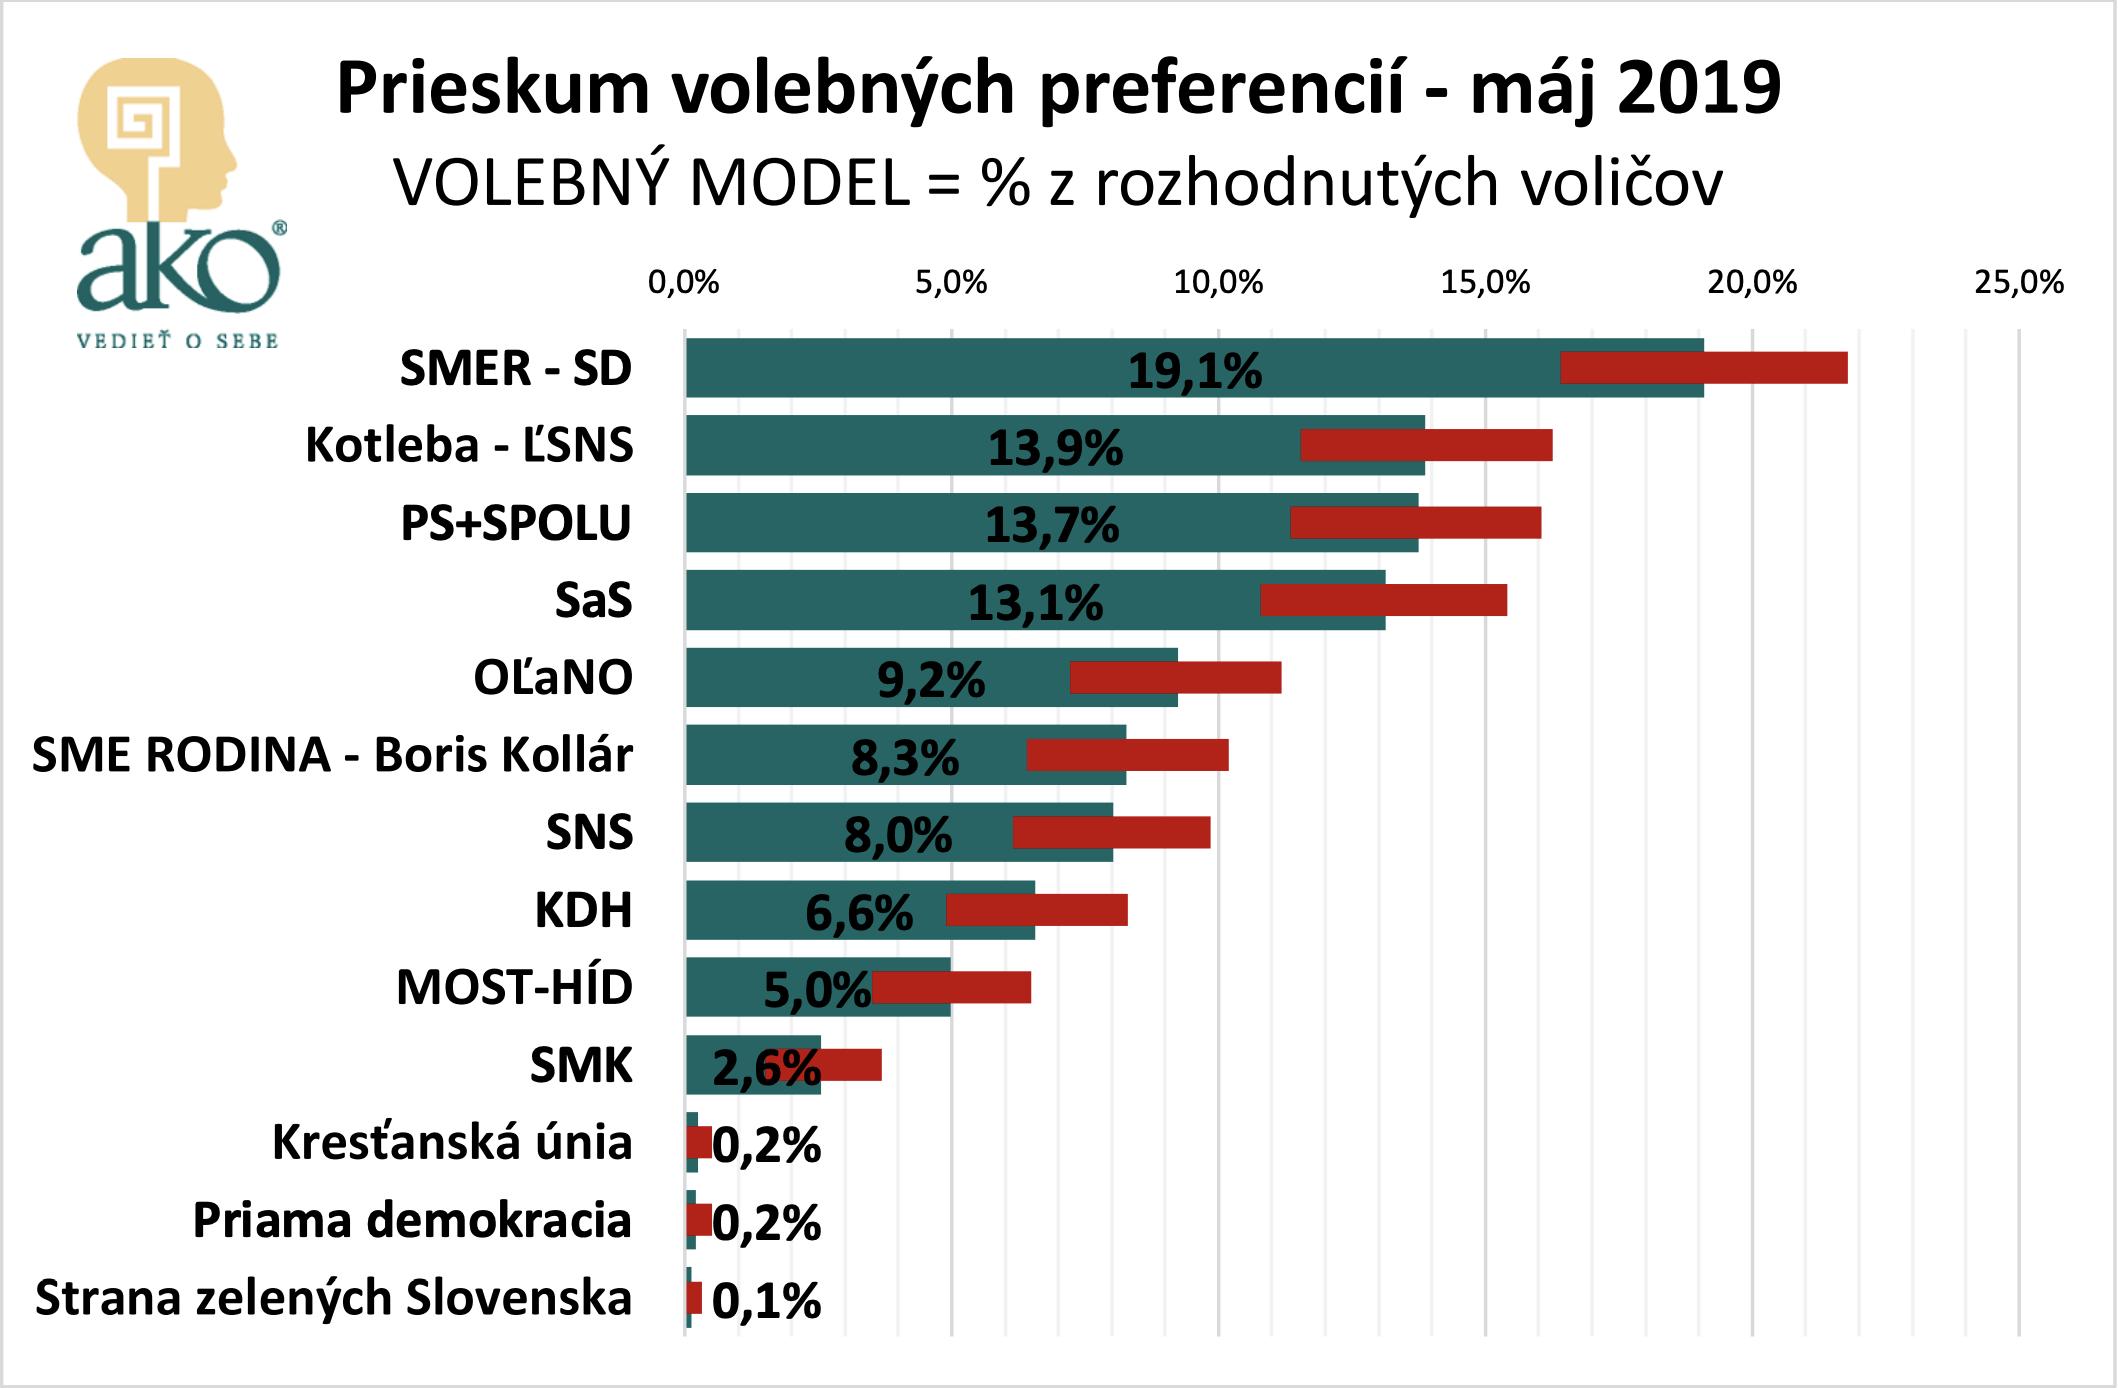 Az ábrán az utolsó nyilvánosságra hozott, 2019 májusi országos felmérőt látják a szlovákiai pártok népszerűségi adatairól. Pozsony. Forrás: Ako.sk